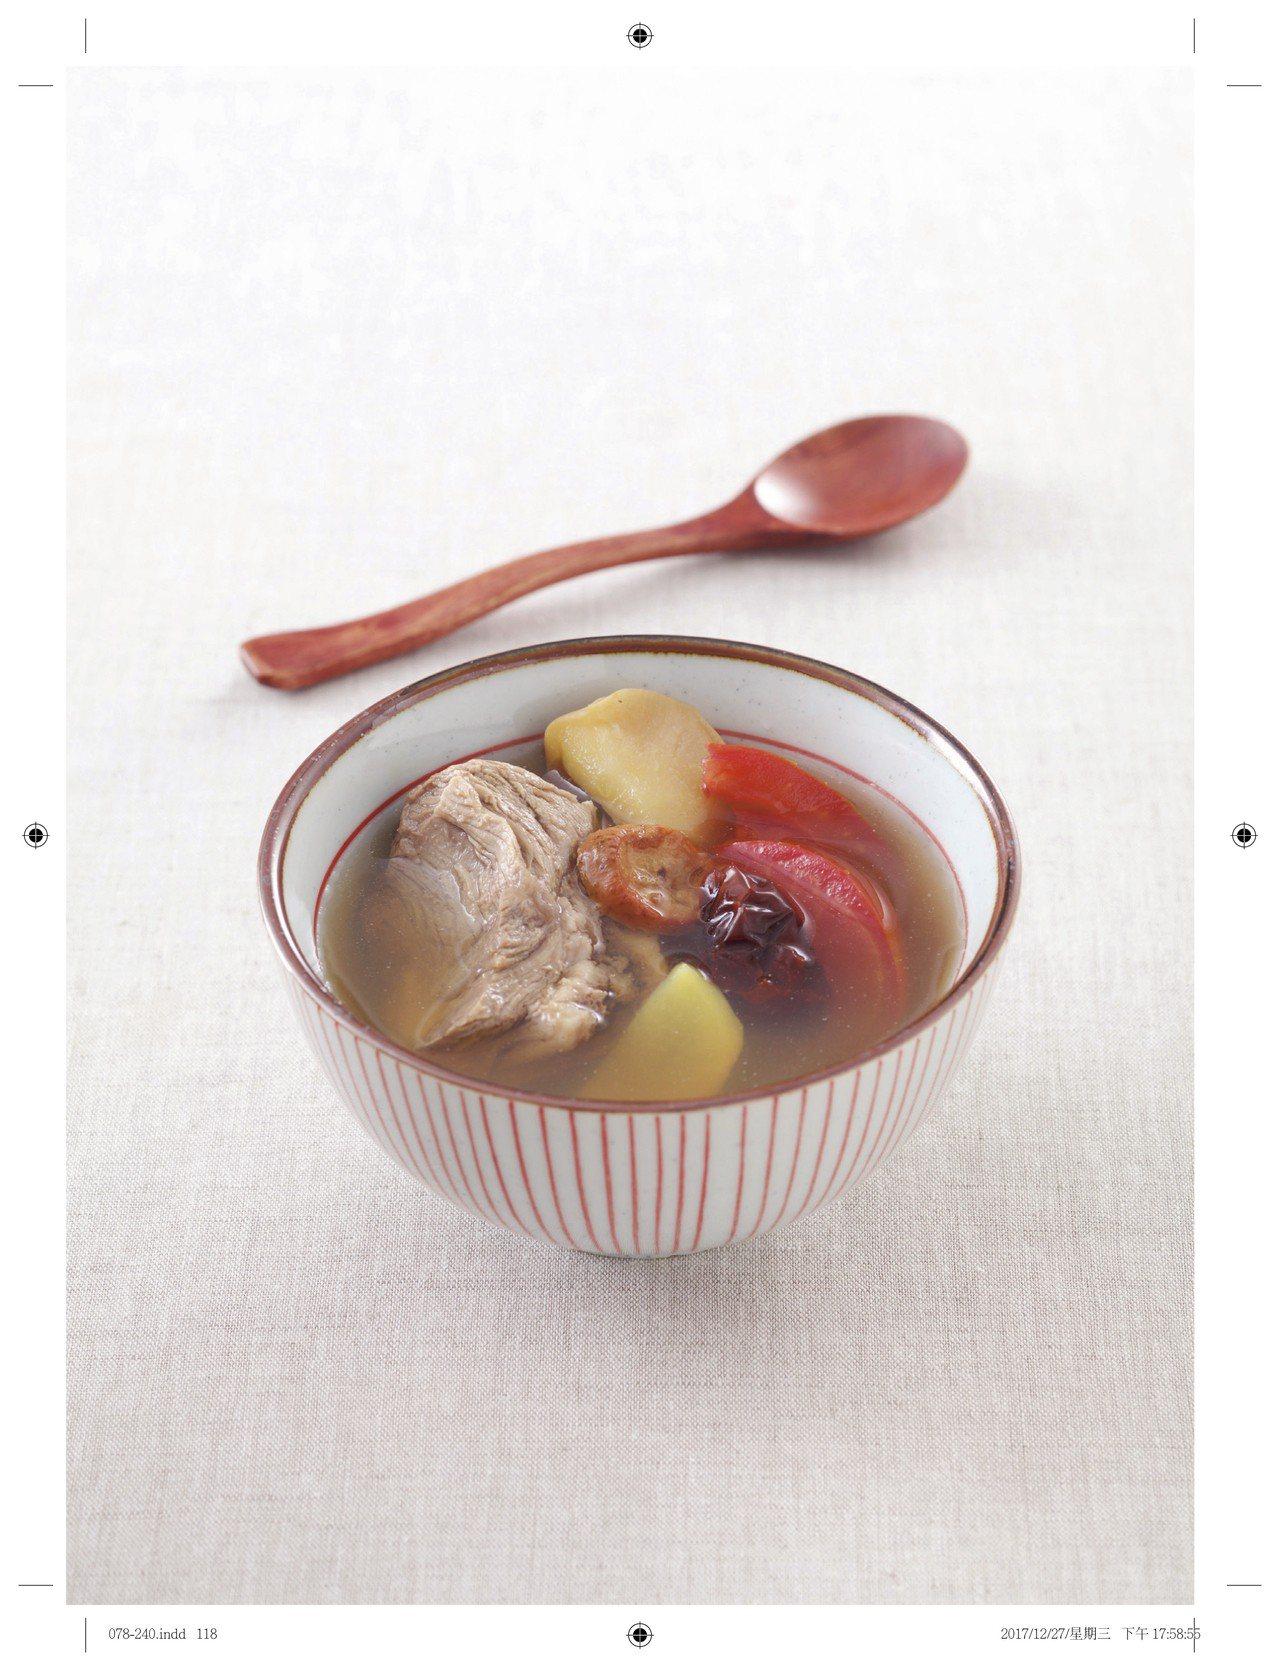 山楂番茄蘋果大棗湯。圖/平安文化提供